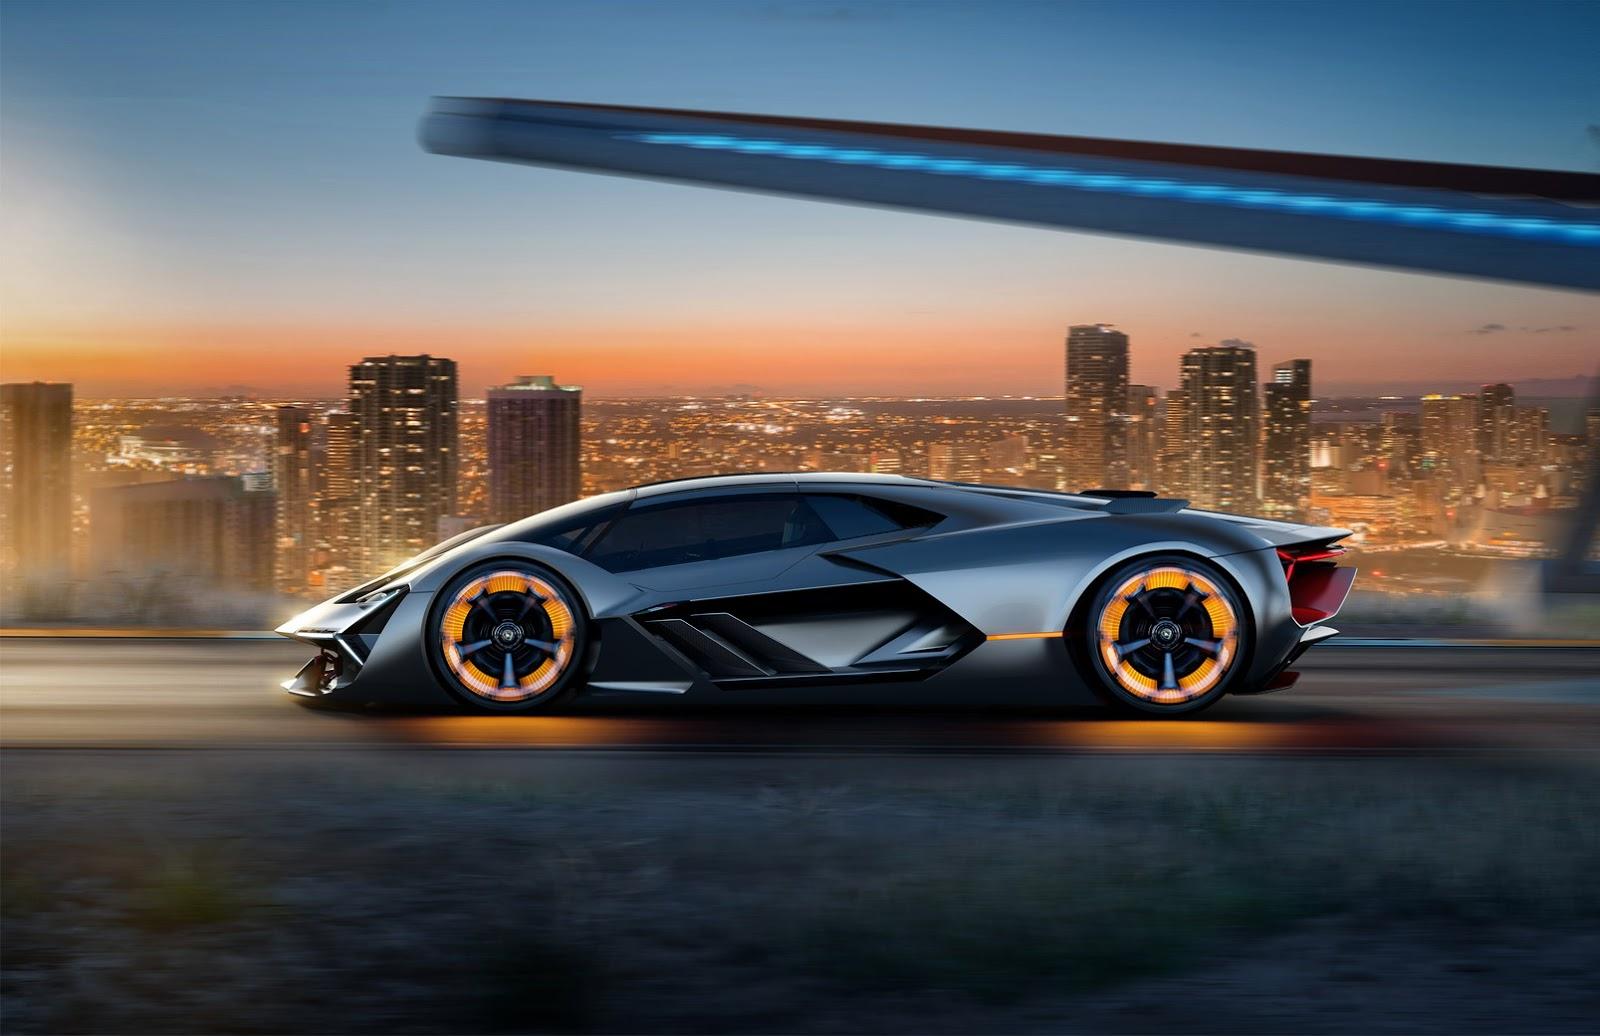 Xe++ - Siêu xe Lamborghini Terzo Millenio sẽ chạy điện và tự sửa chữa sau tai nạn (Hình 9).